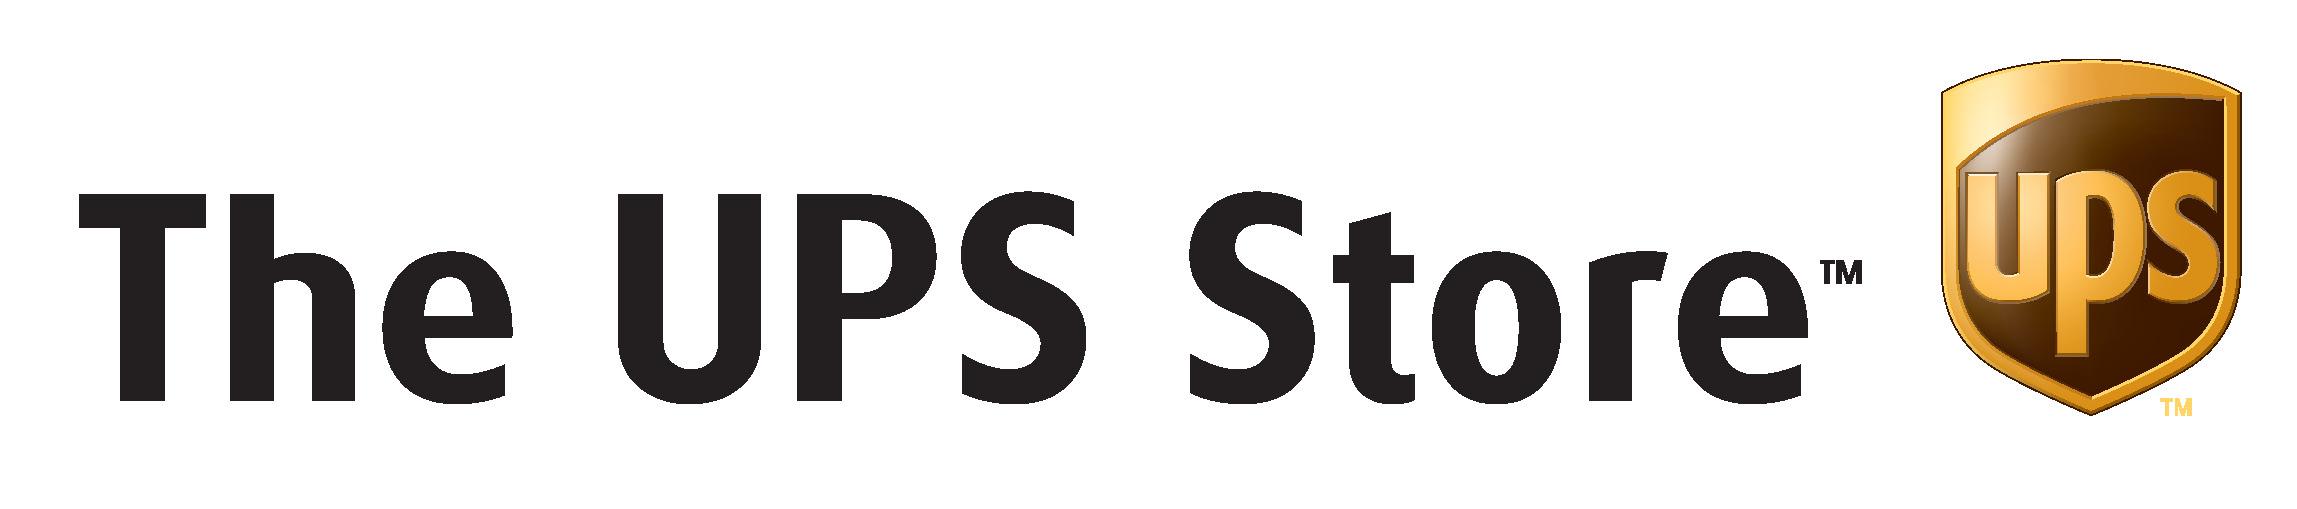 New Ups Logo PNG - 116135